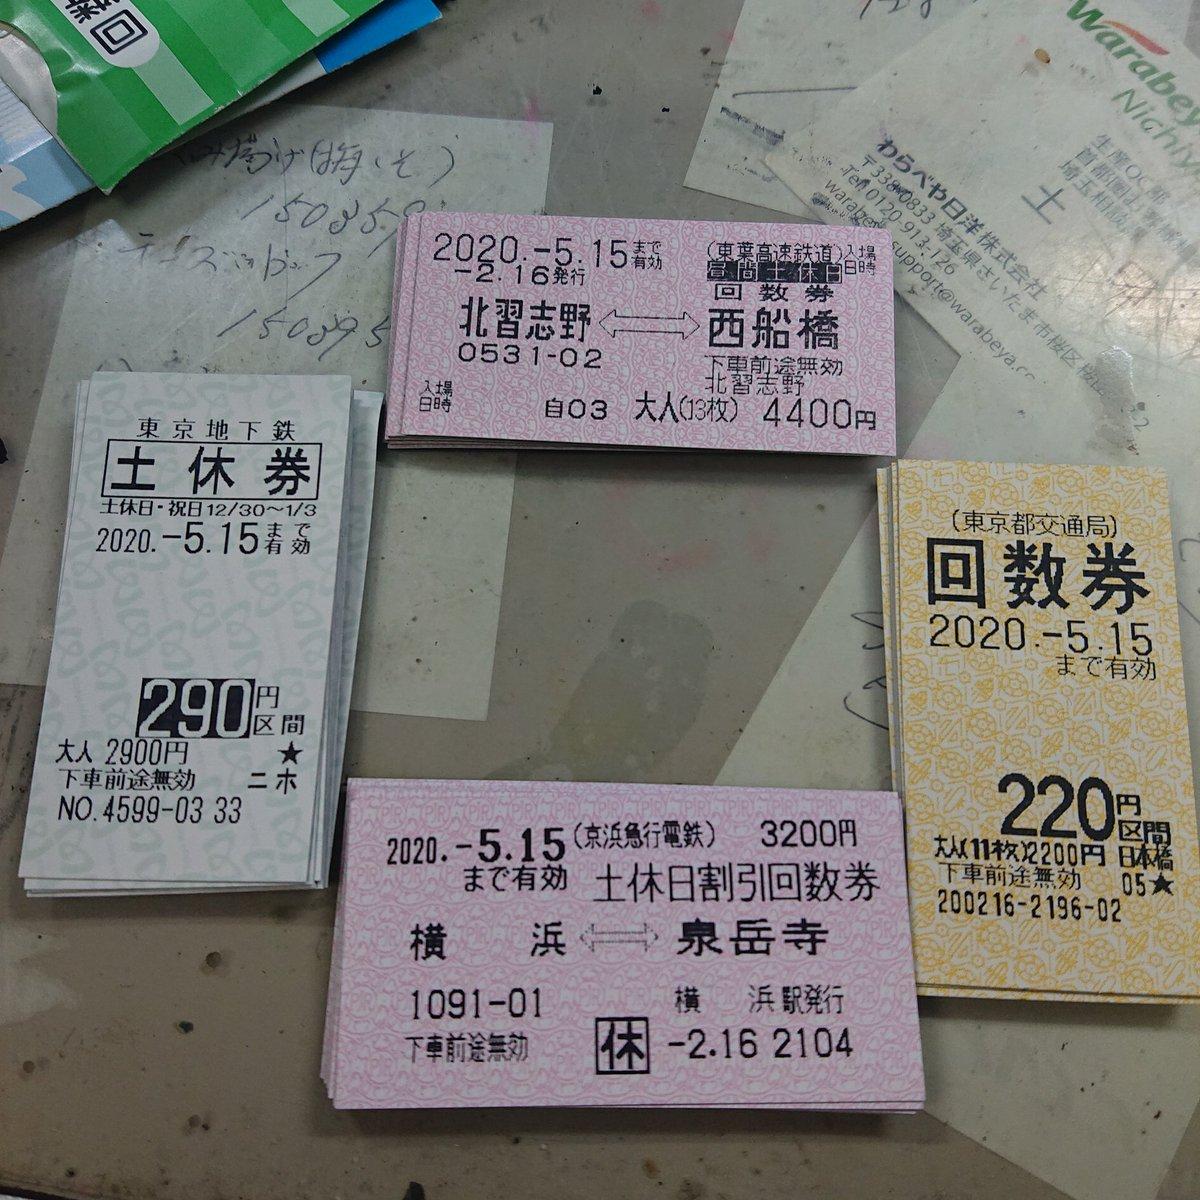 払い戻し 回数 券 東京 メトロ